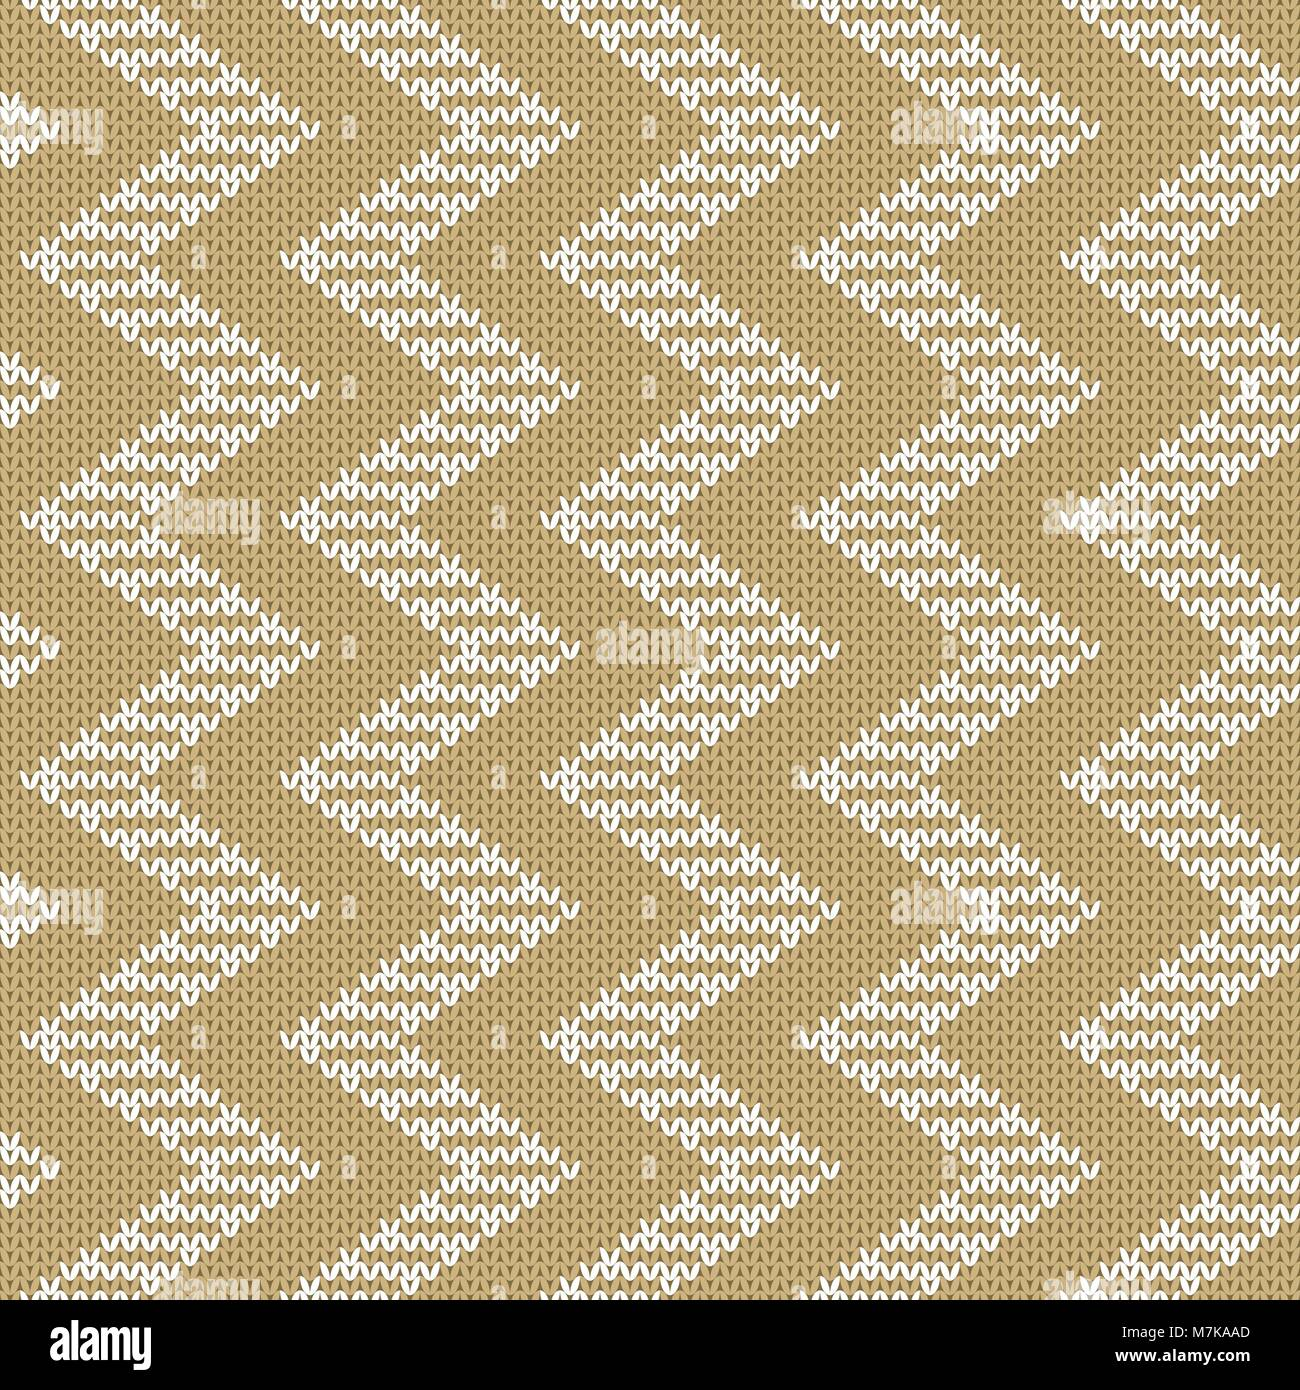 wiederholen gestrickte nahtlose muster mit zickzack kammgarn textur mit einem jacquard muster abstrakte winterurlaub design pullover ornament - Jacquard Muster